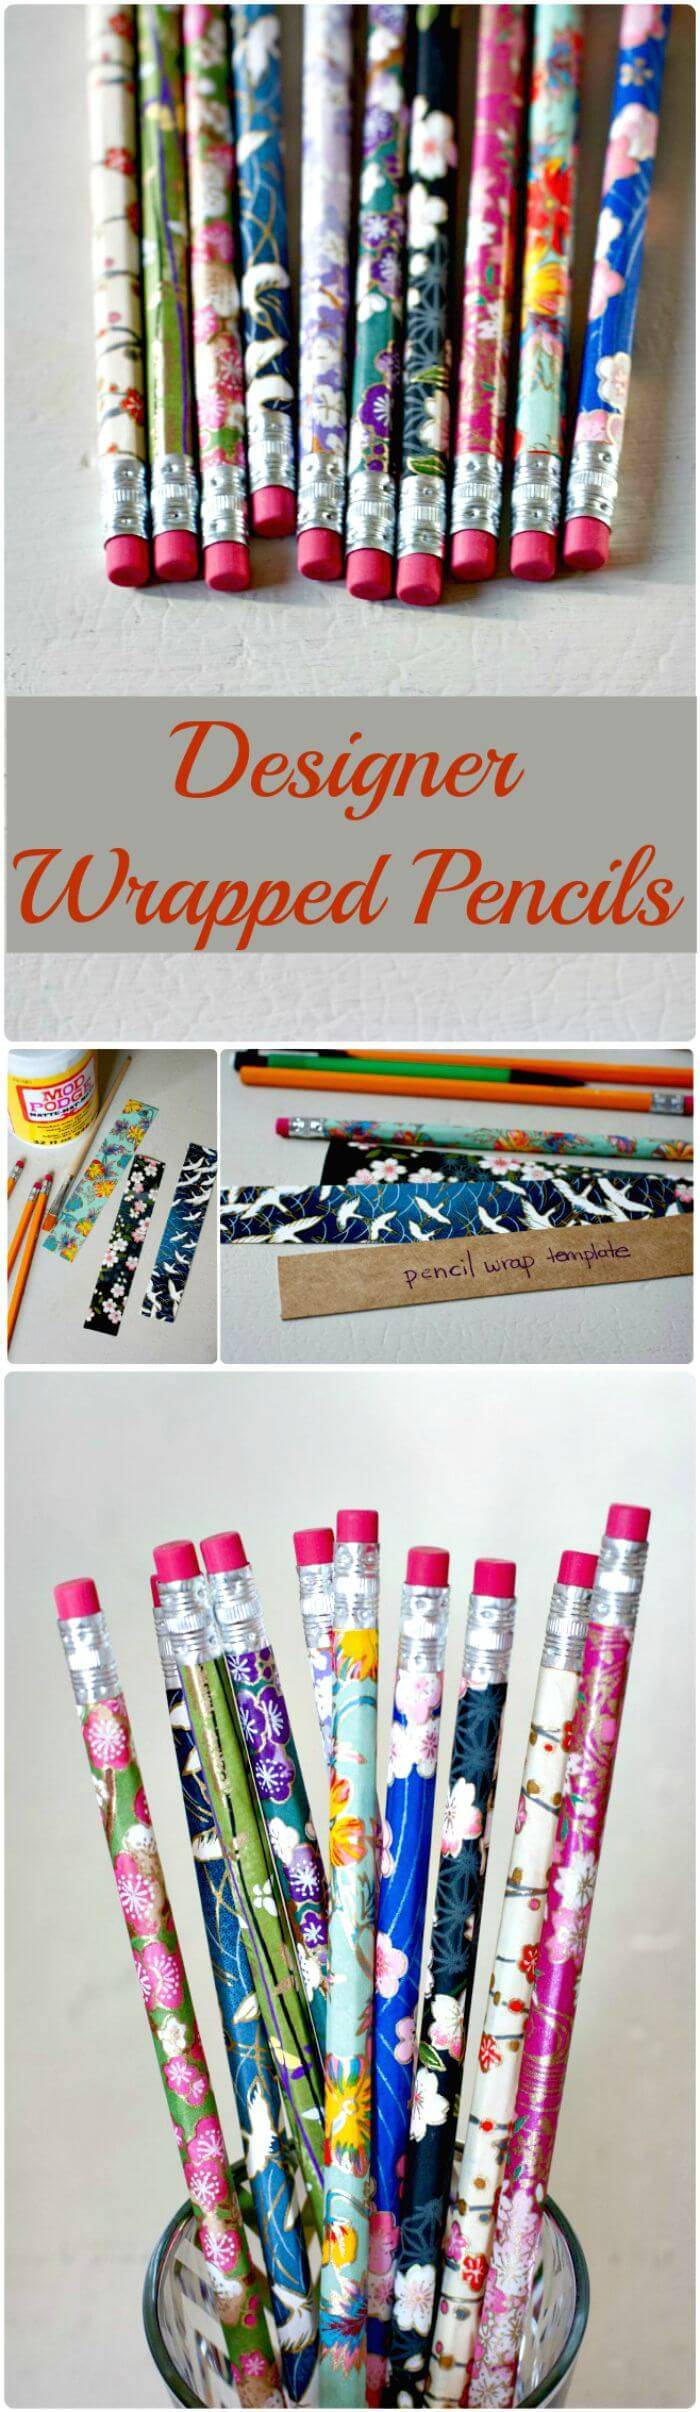 Designer Wrapped Pencils